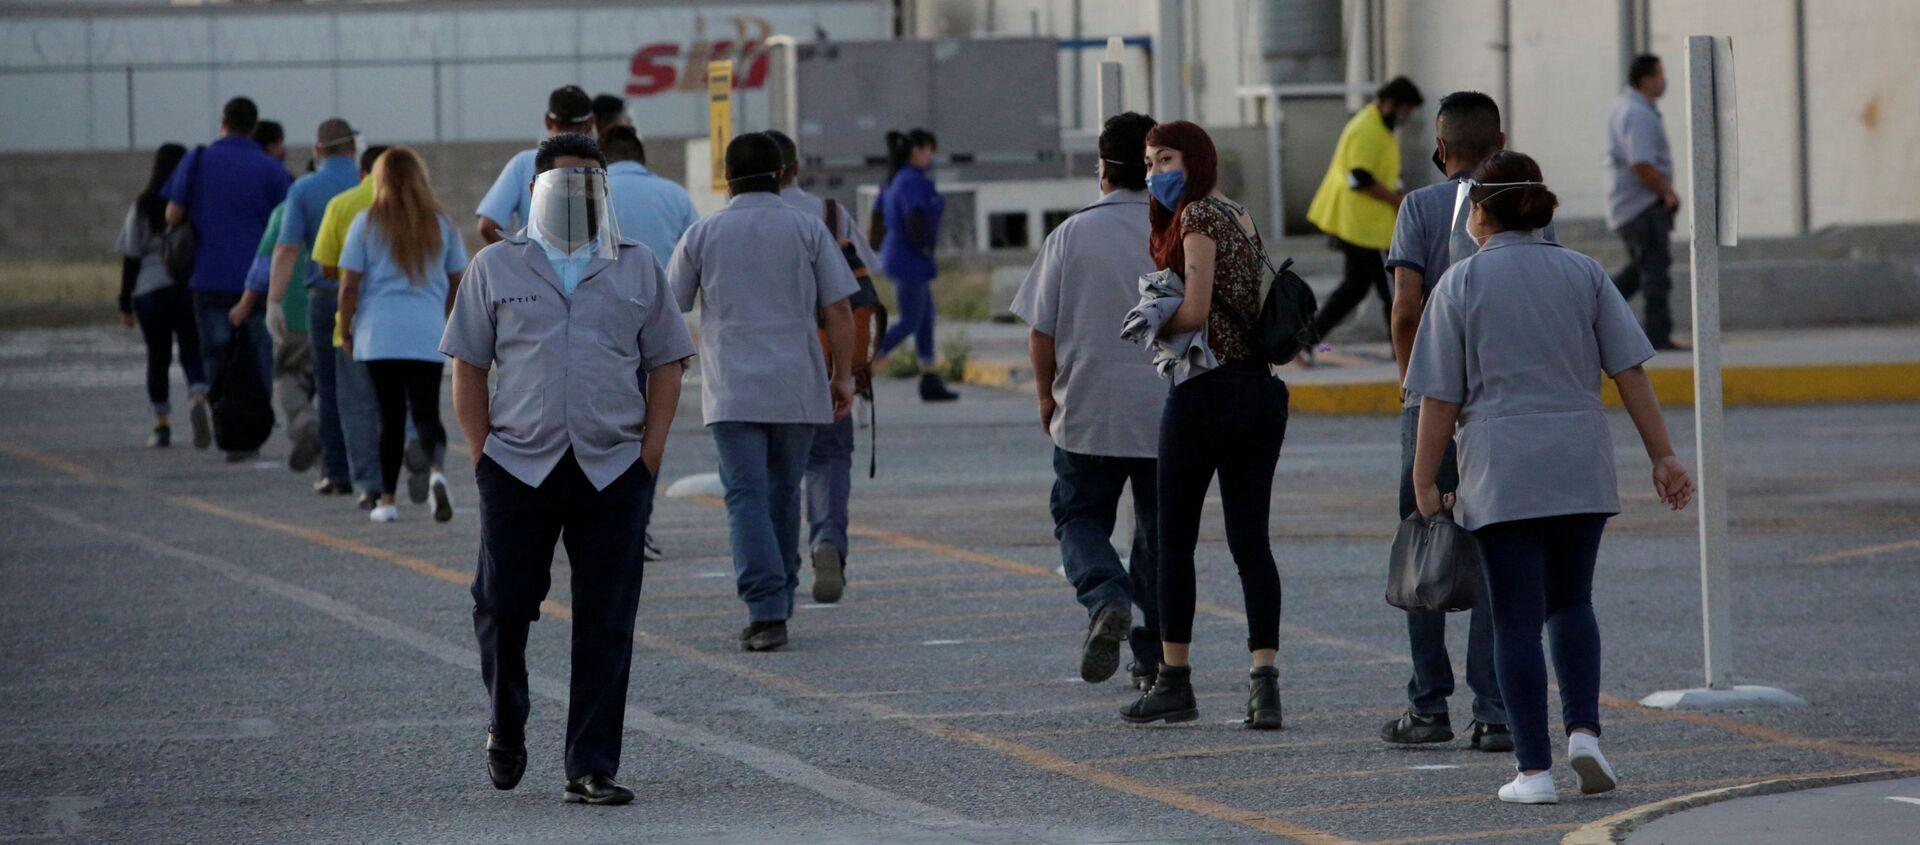 Trabajadores del fabricante estadounidense de autopartes Aptiv Plc llegan a la planta, en Ciudad Juárez, México, el 18 de mayo de 2020 - Sputnik Mundo, 1920, 02.06.2020